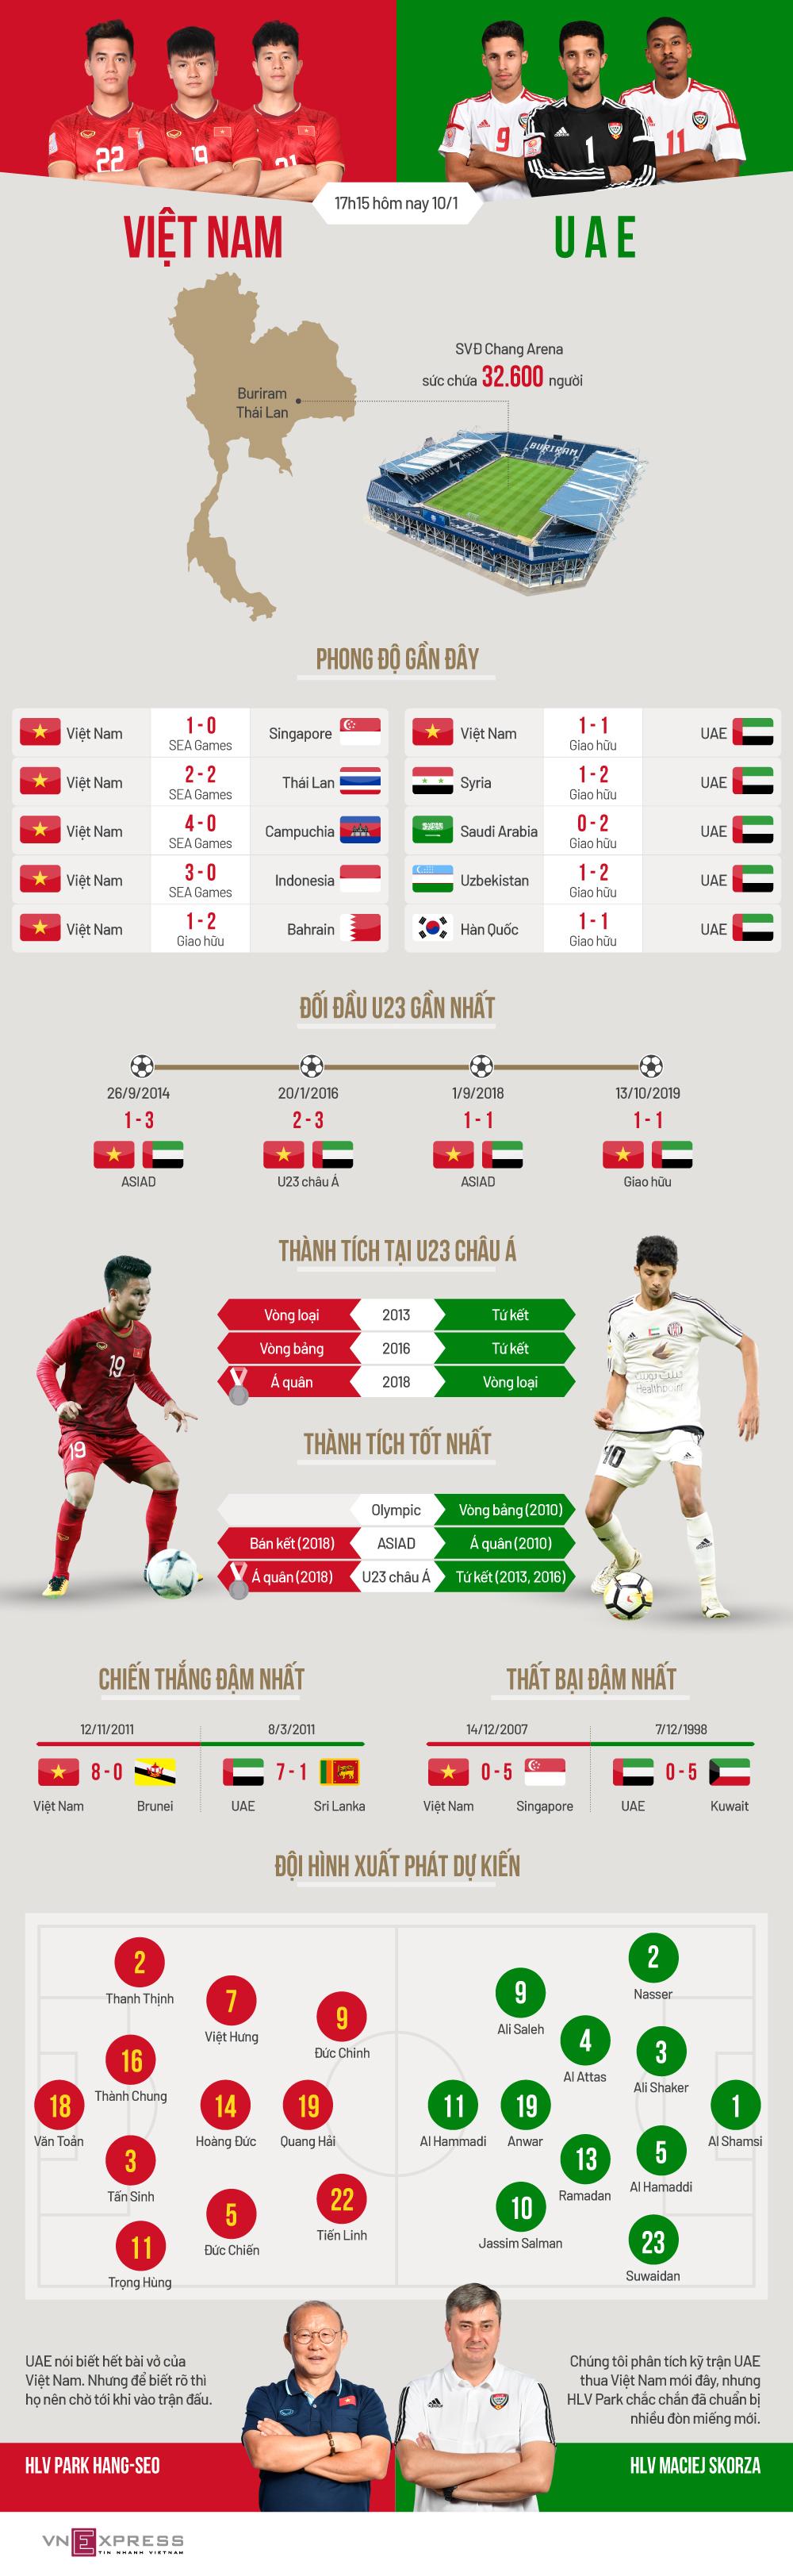 Lịch sử chống lại Việt Nam trước trận đấu UAE